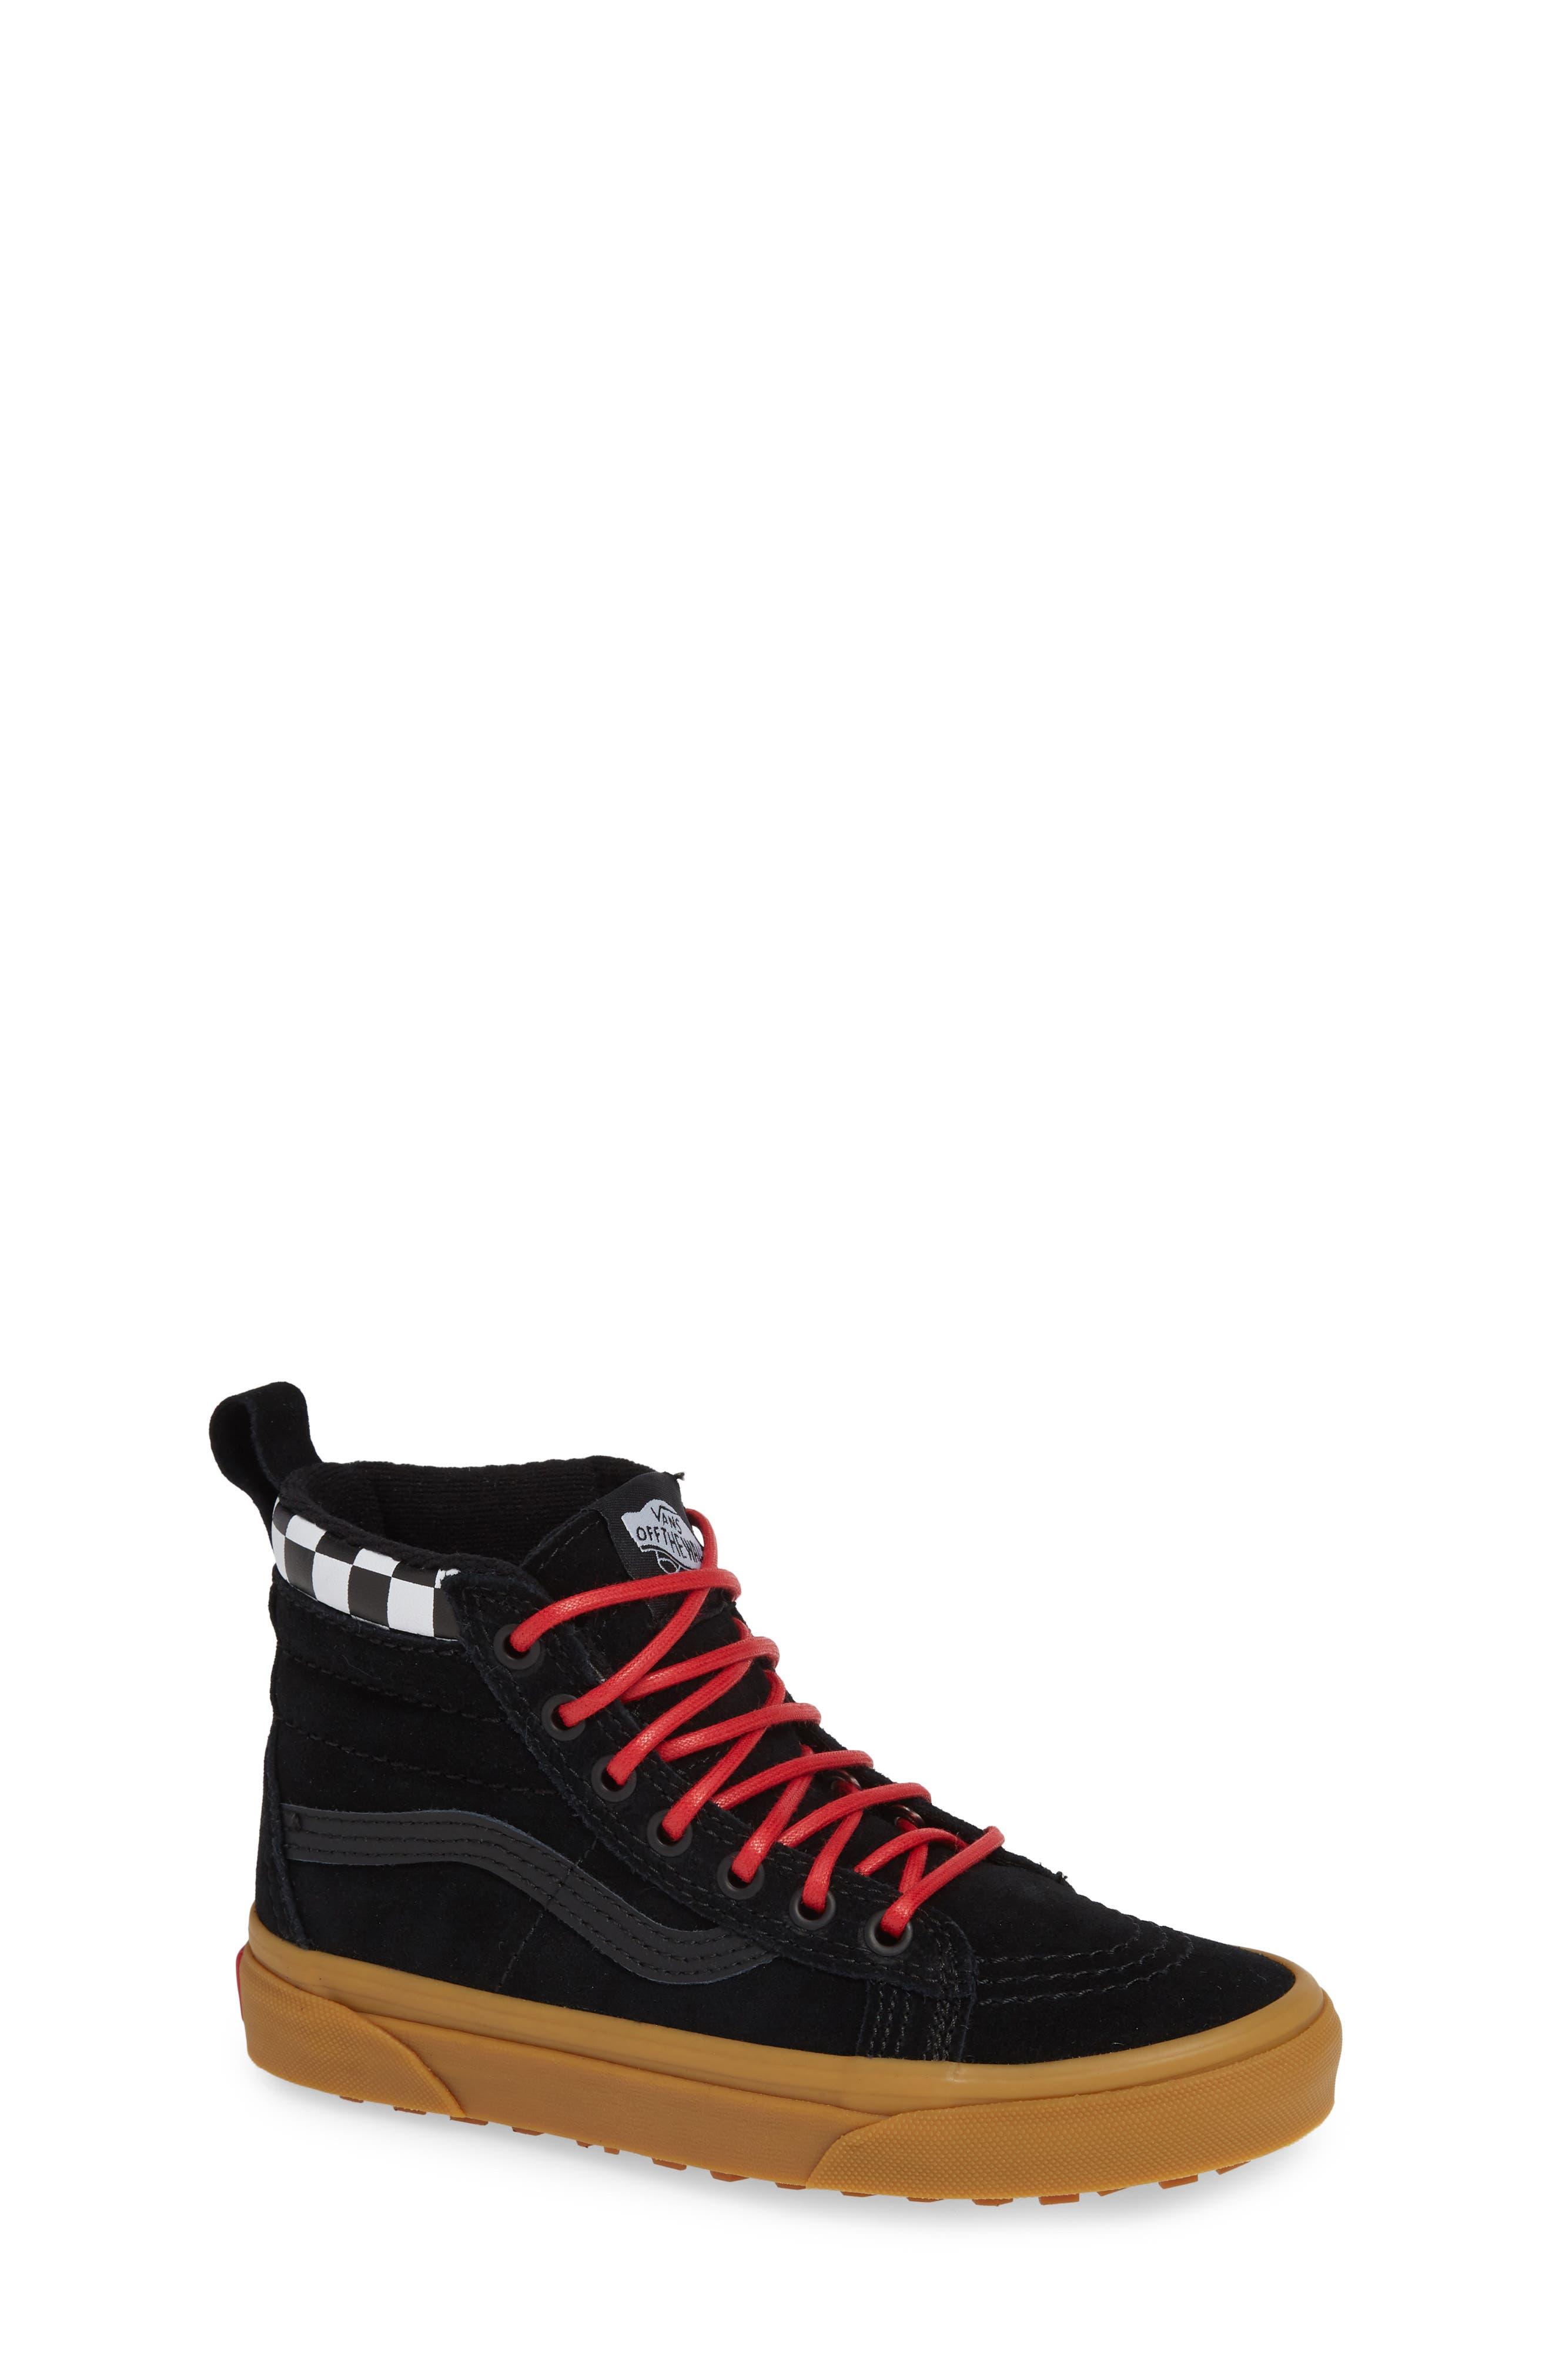 SK8-Hi Sneaker,                         Main,                         color, CHECKERBOARD/ BLACK